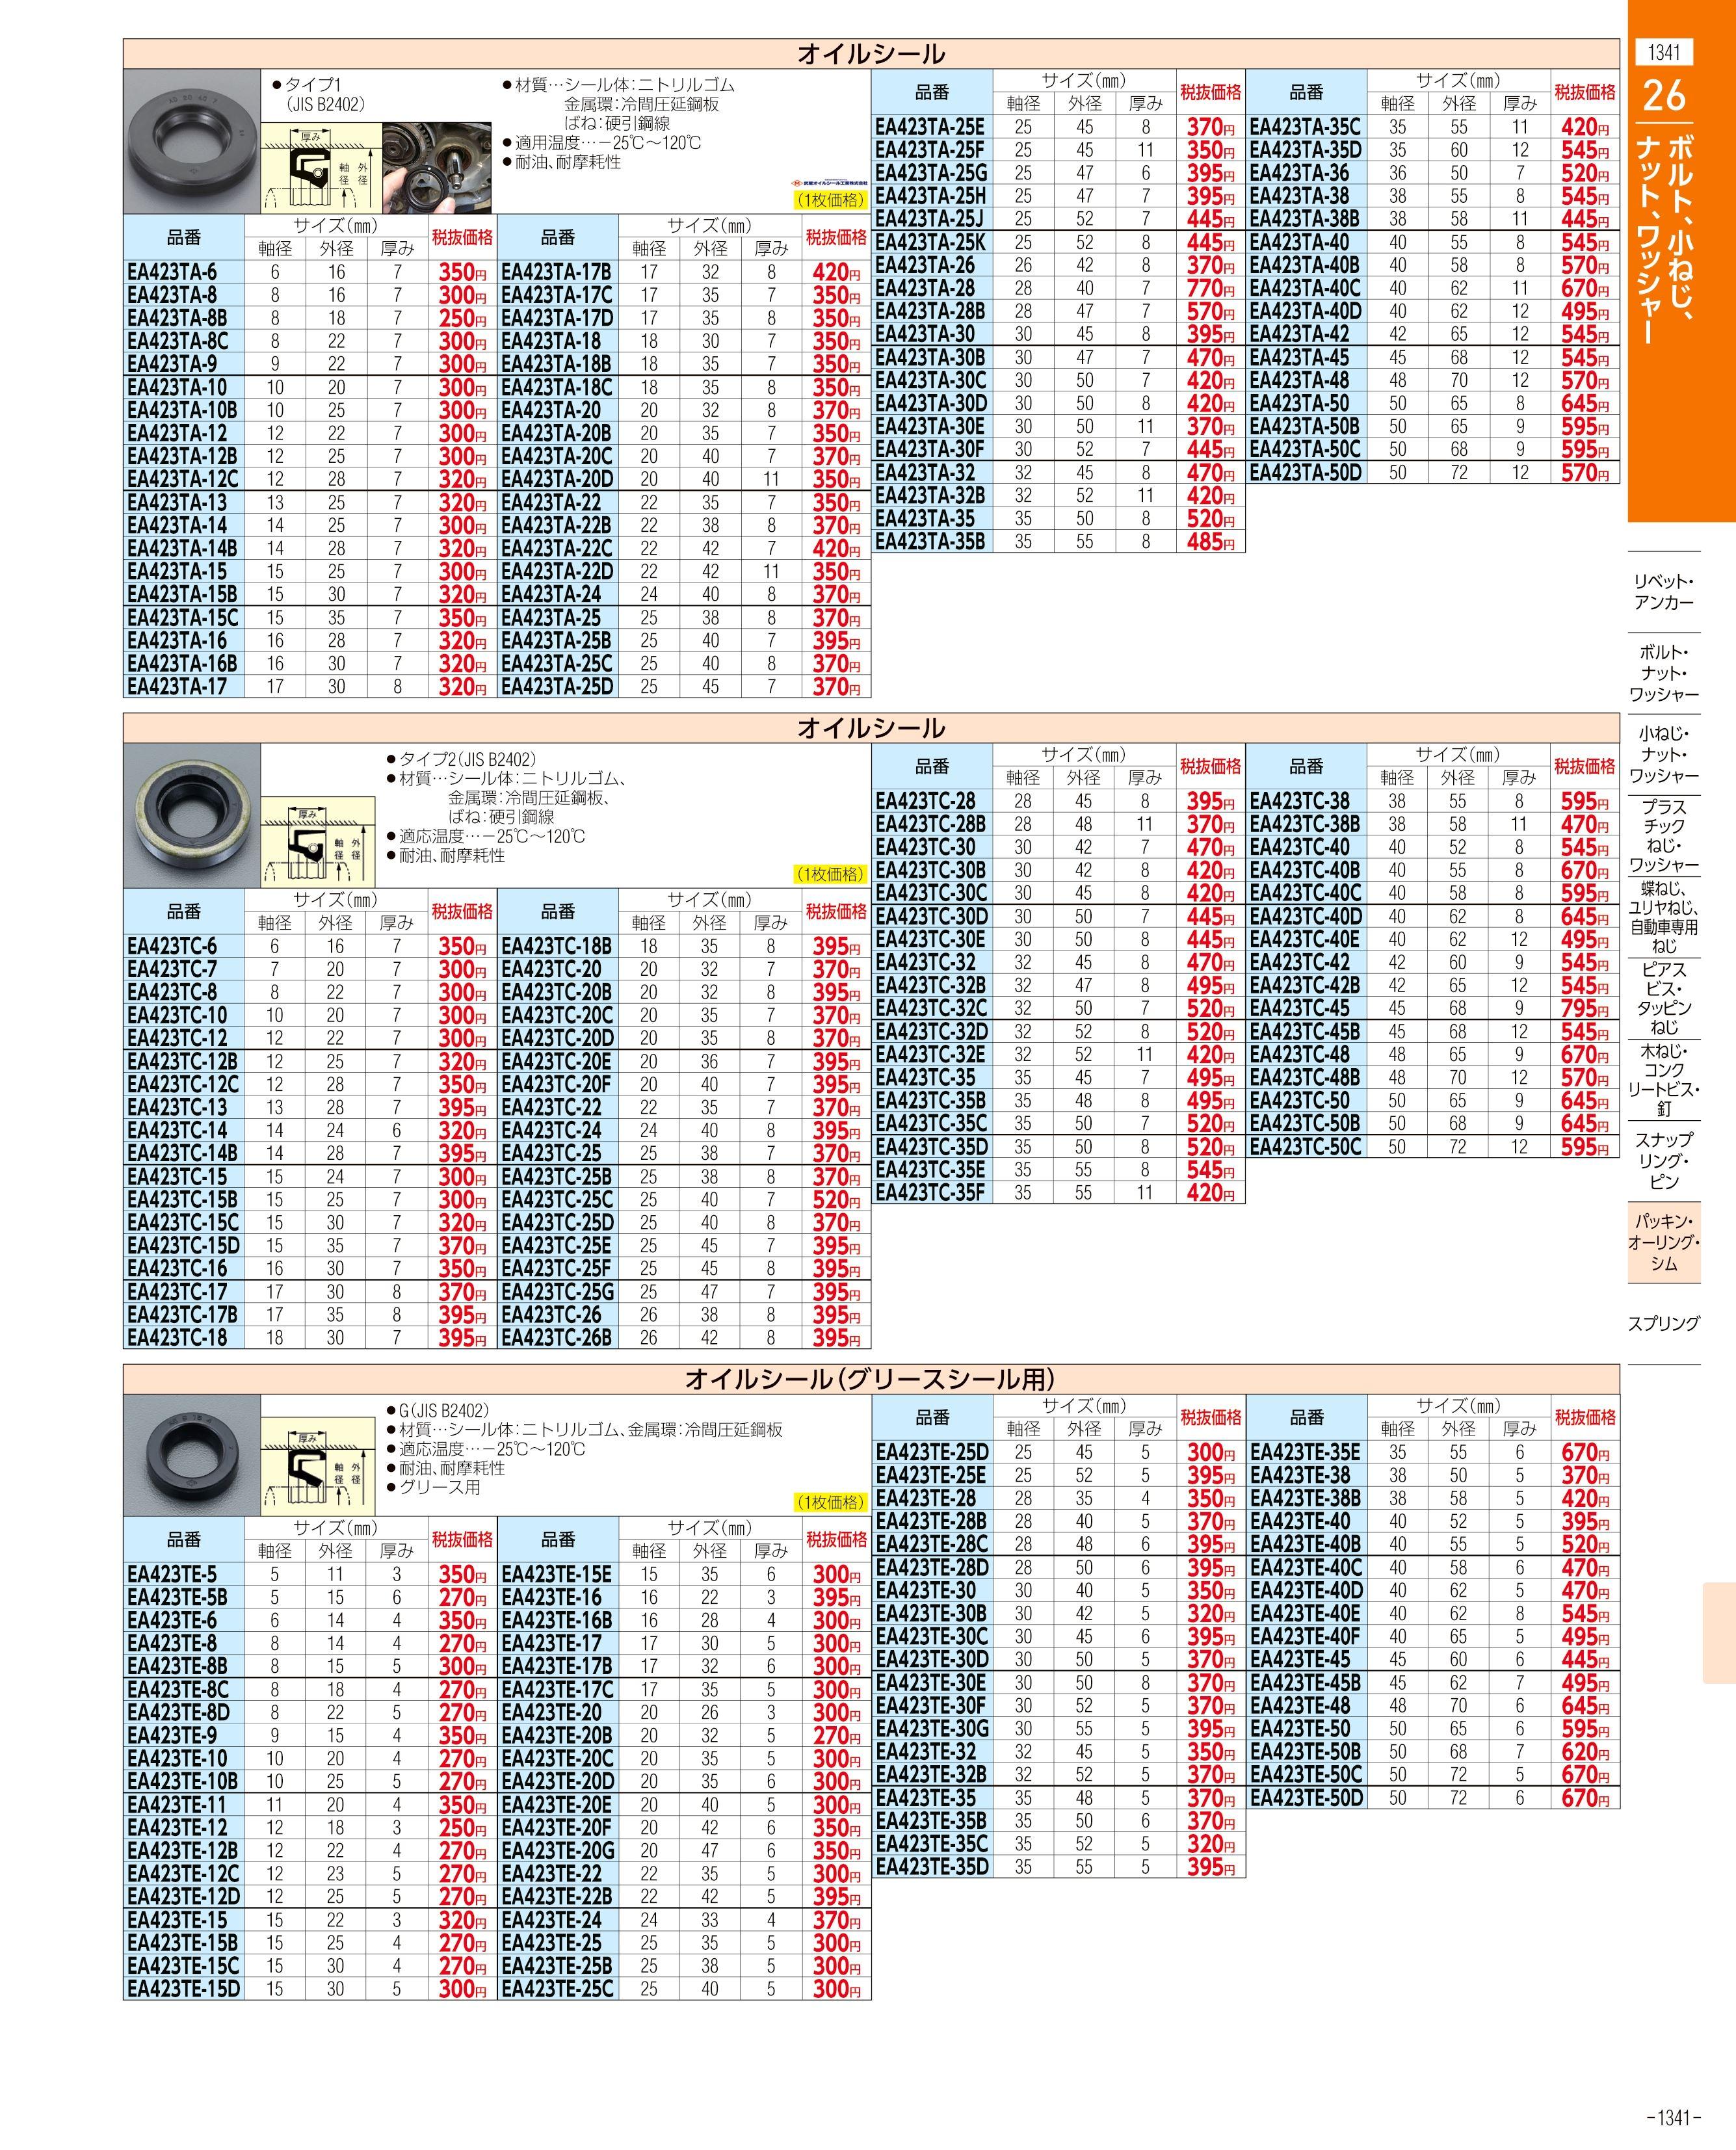 エスコ便利カタログ1341ページ